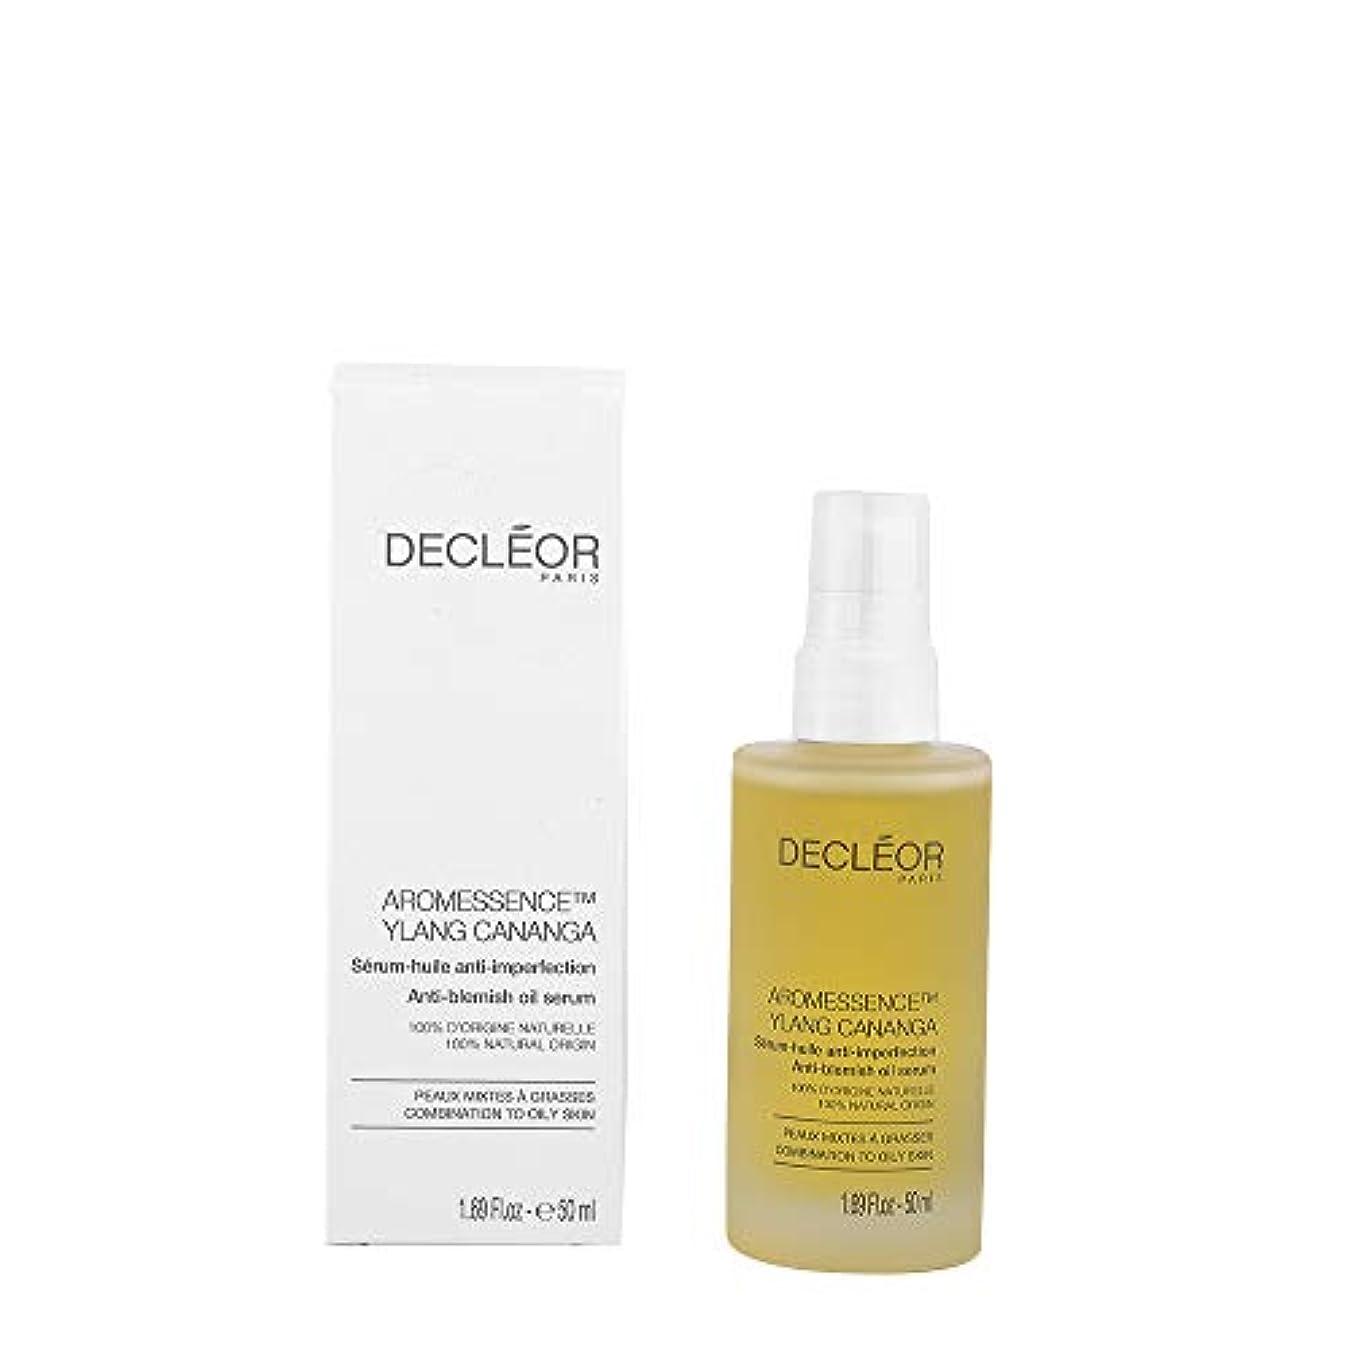 カップル無関心爆弾デクレオール Aromessence Ylang Cananga Anti-Blemish Oil Serum - For Combination to Oily Skin (Salon Size) 50ml/1.69oz...